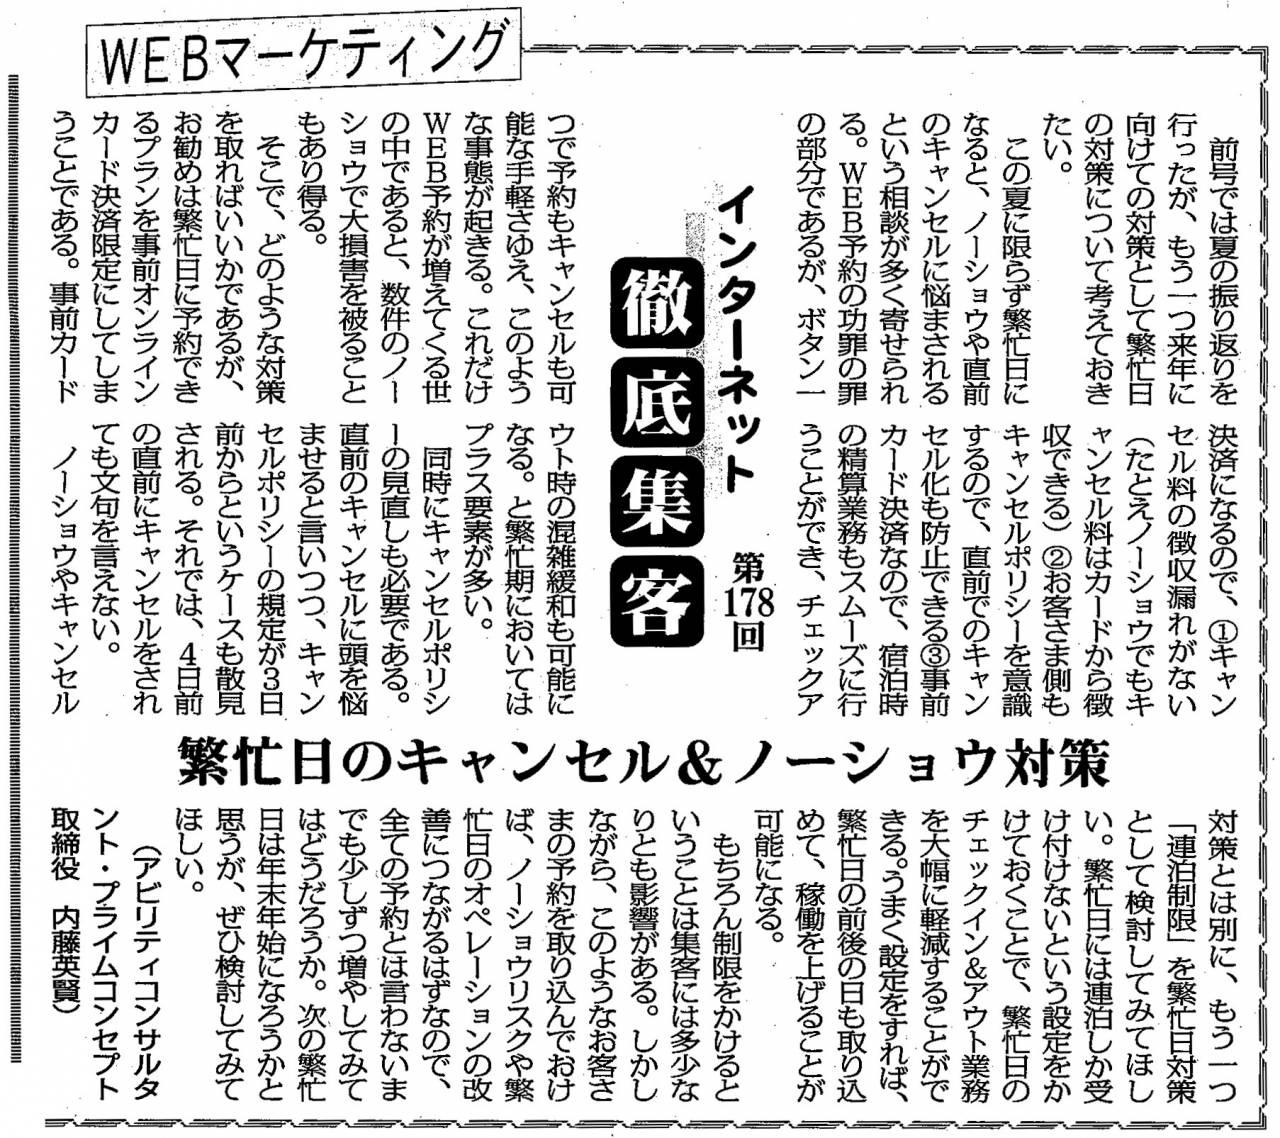 【第178回】WEBマーケティング インターネット徹底集客 (繁忙期のキャセル&ノーショウ対策)